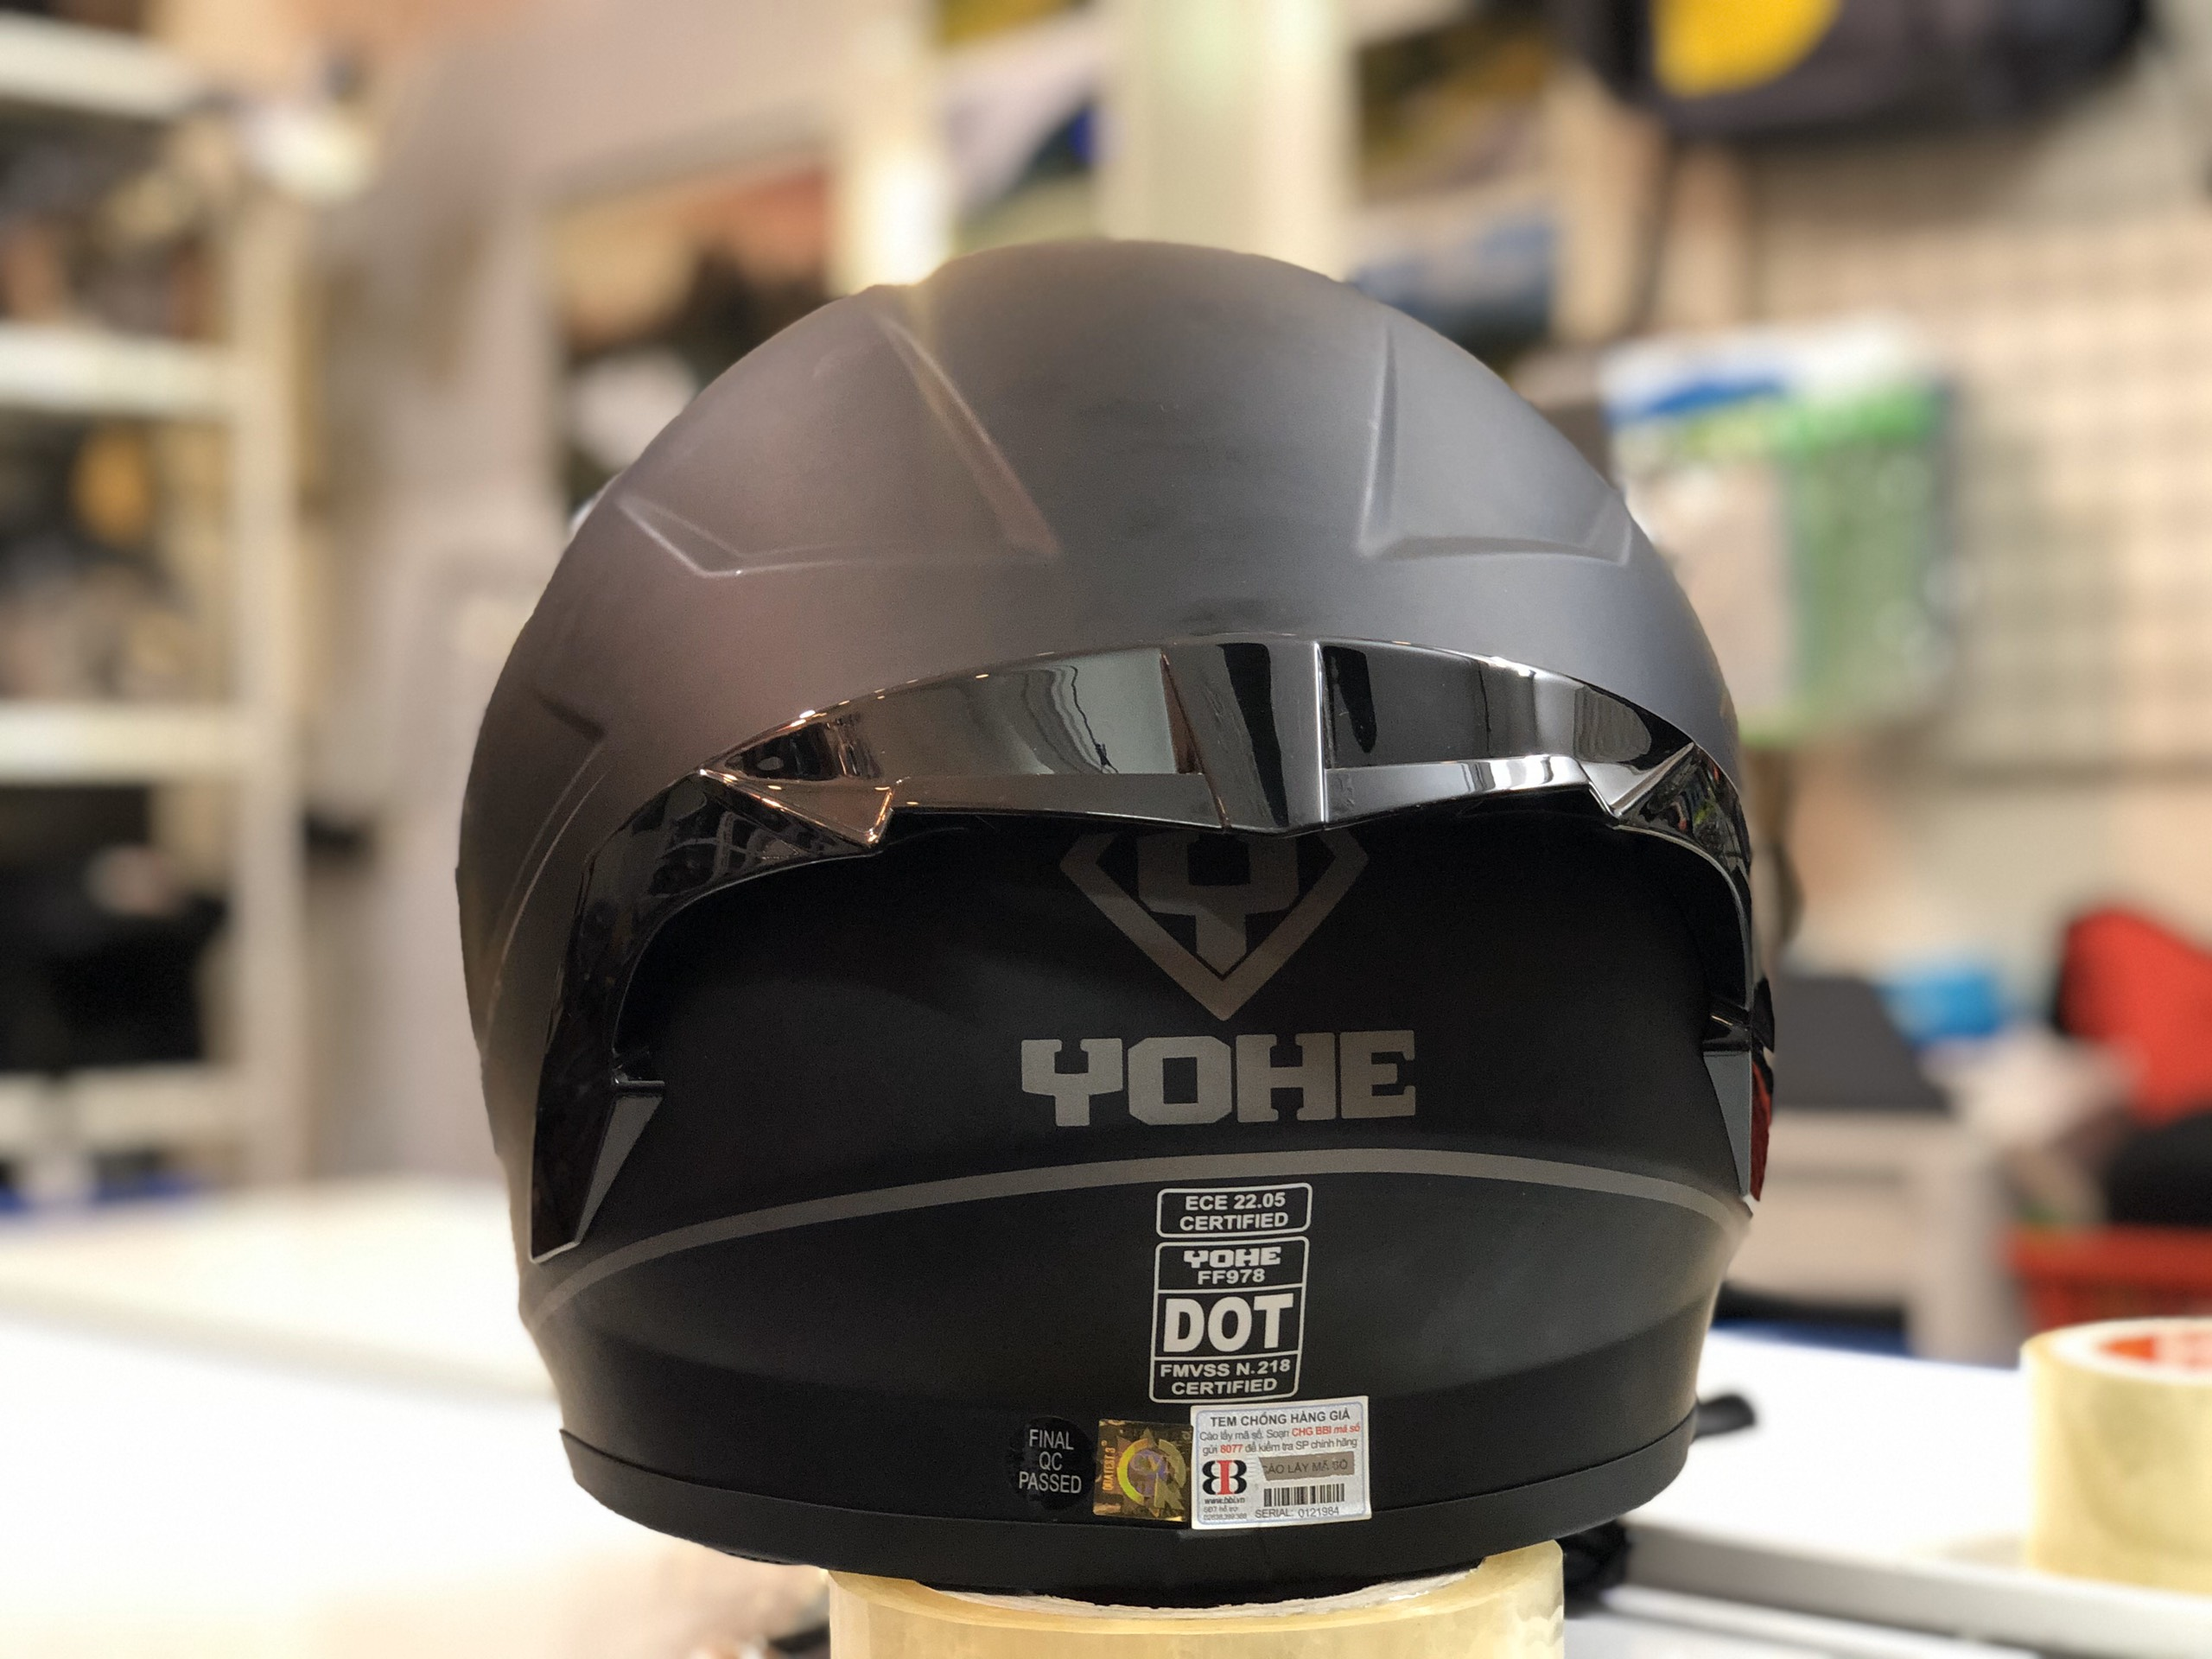 mũ bảo hiểm yohe 978 plus đen (4)